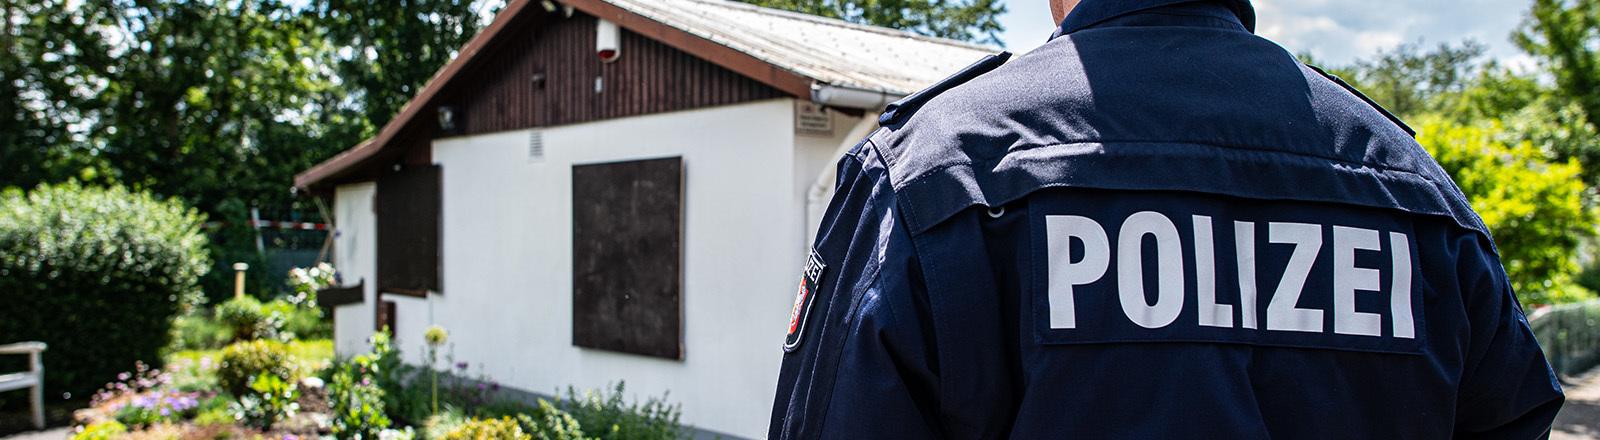 06.06.2020, Nordrhein-Westfalen, Münster: Bei den Ermittlungen nach schwerem sexuellem Missbrauch von Kindern steht ein Polizeibeamter vor der Gartenlaube, wo der vermutliche Haupttäter Teile seiner Server-Anlage unterbrachte.